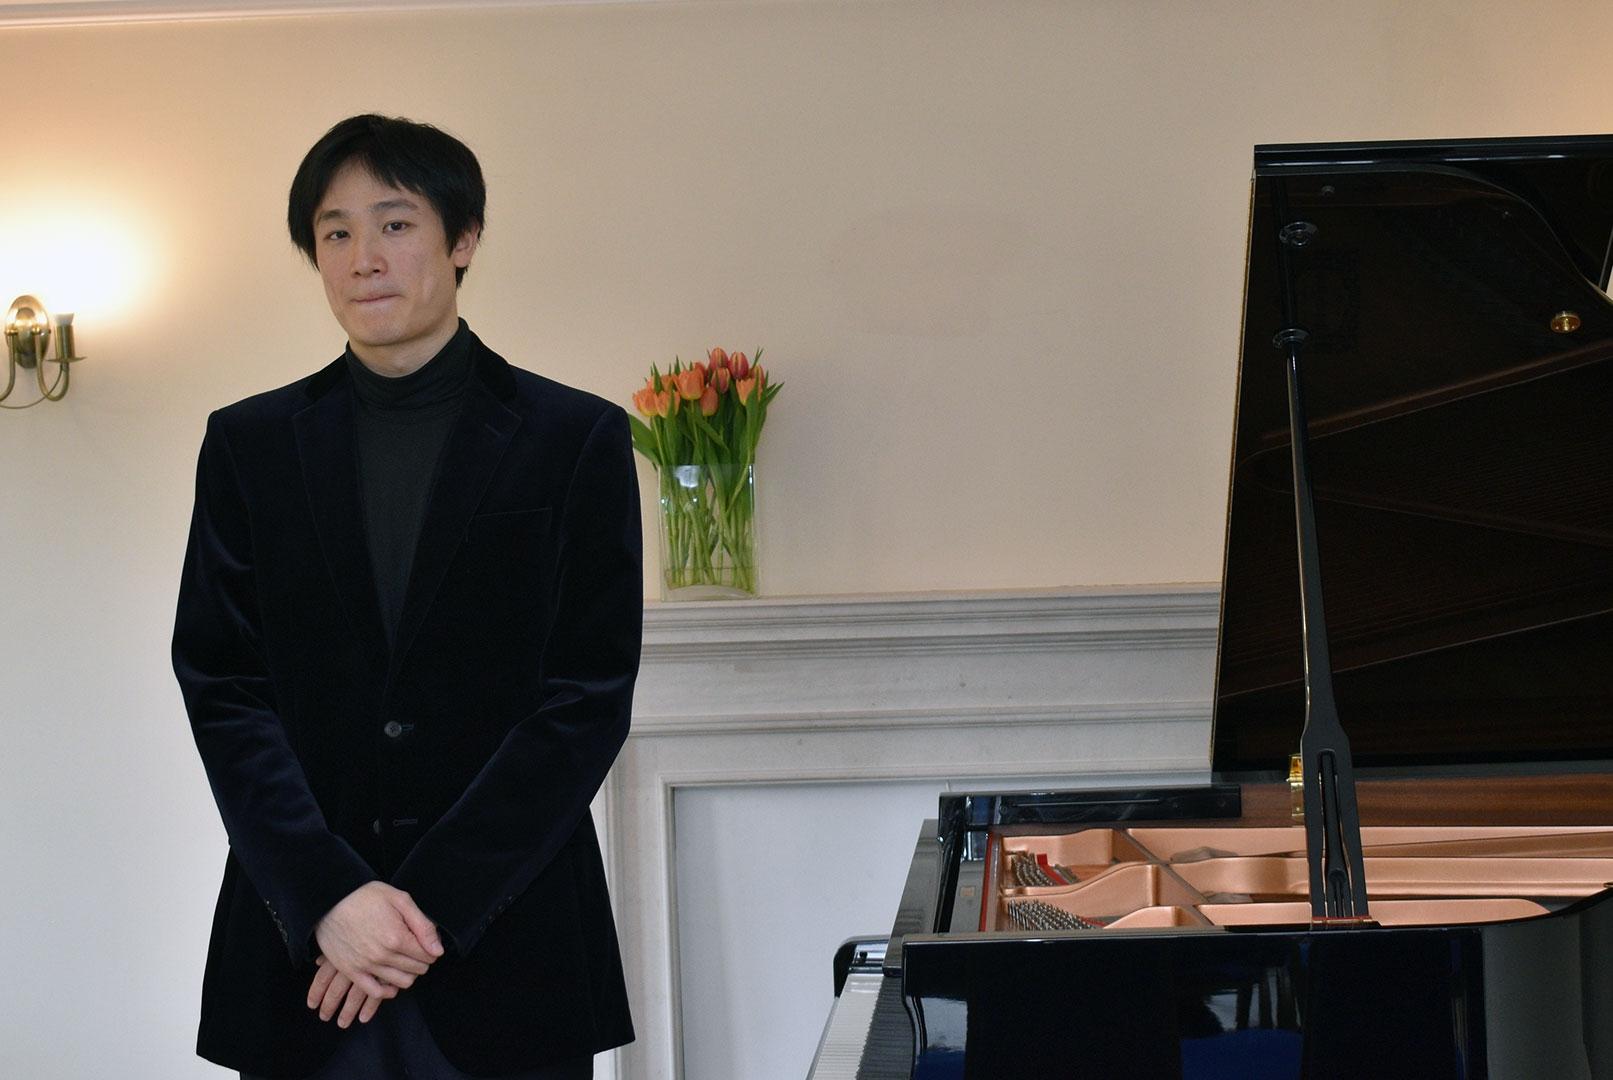 Chiyan Wong at Breinton